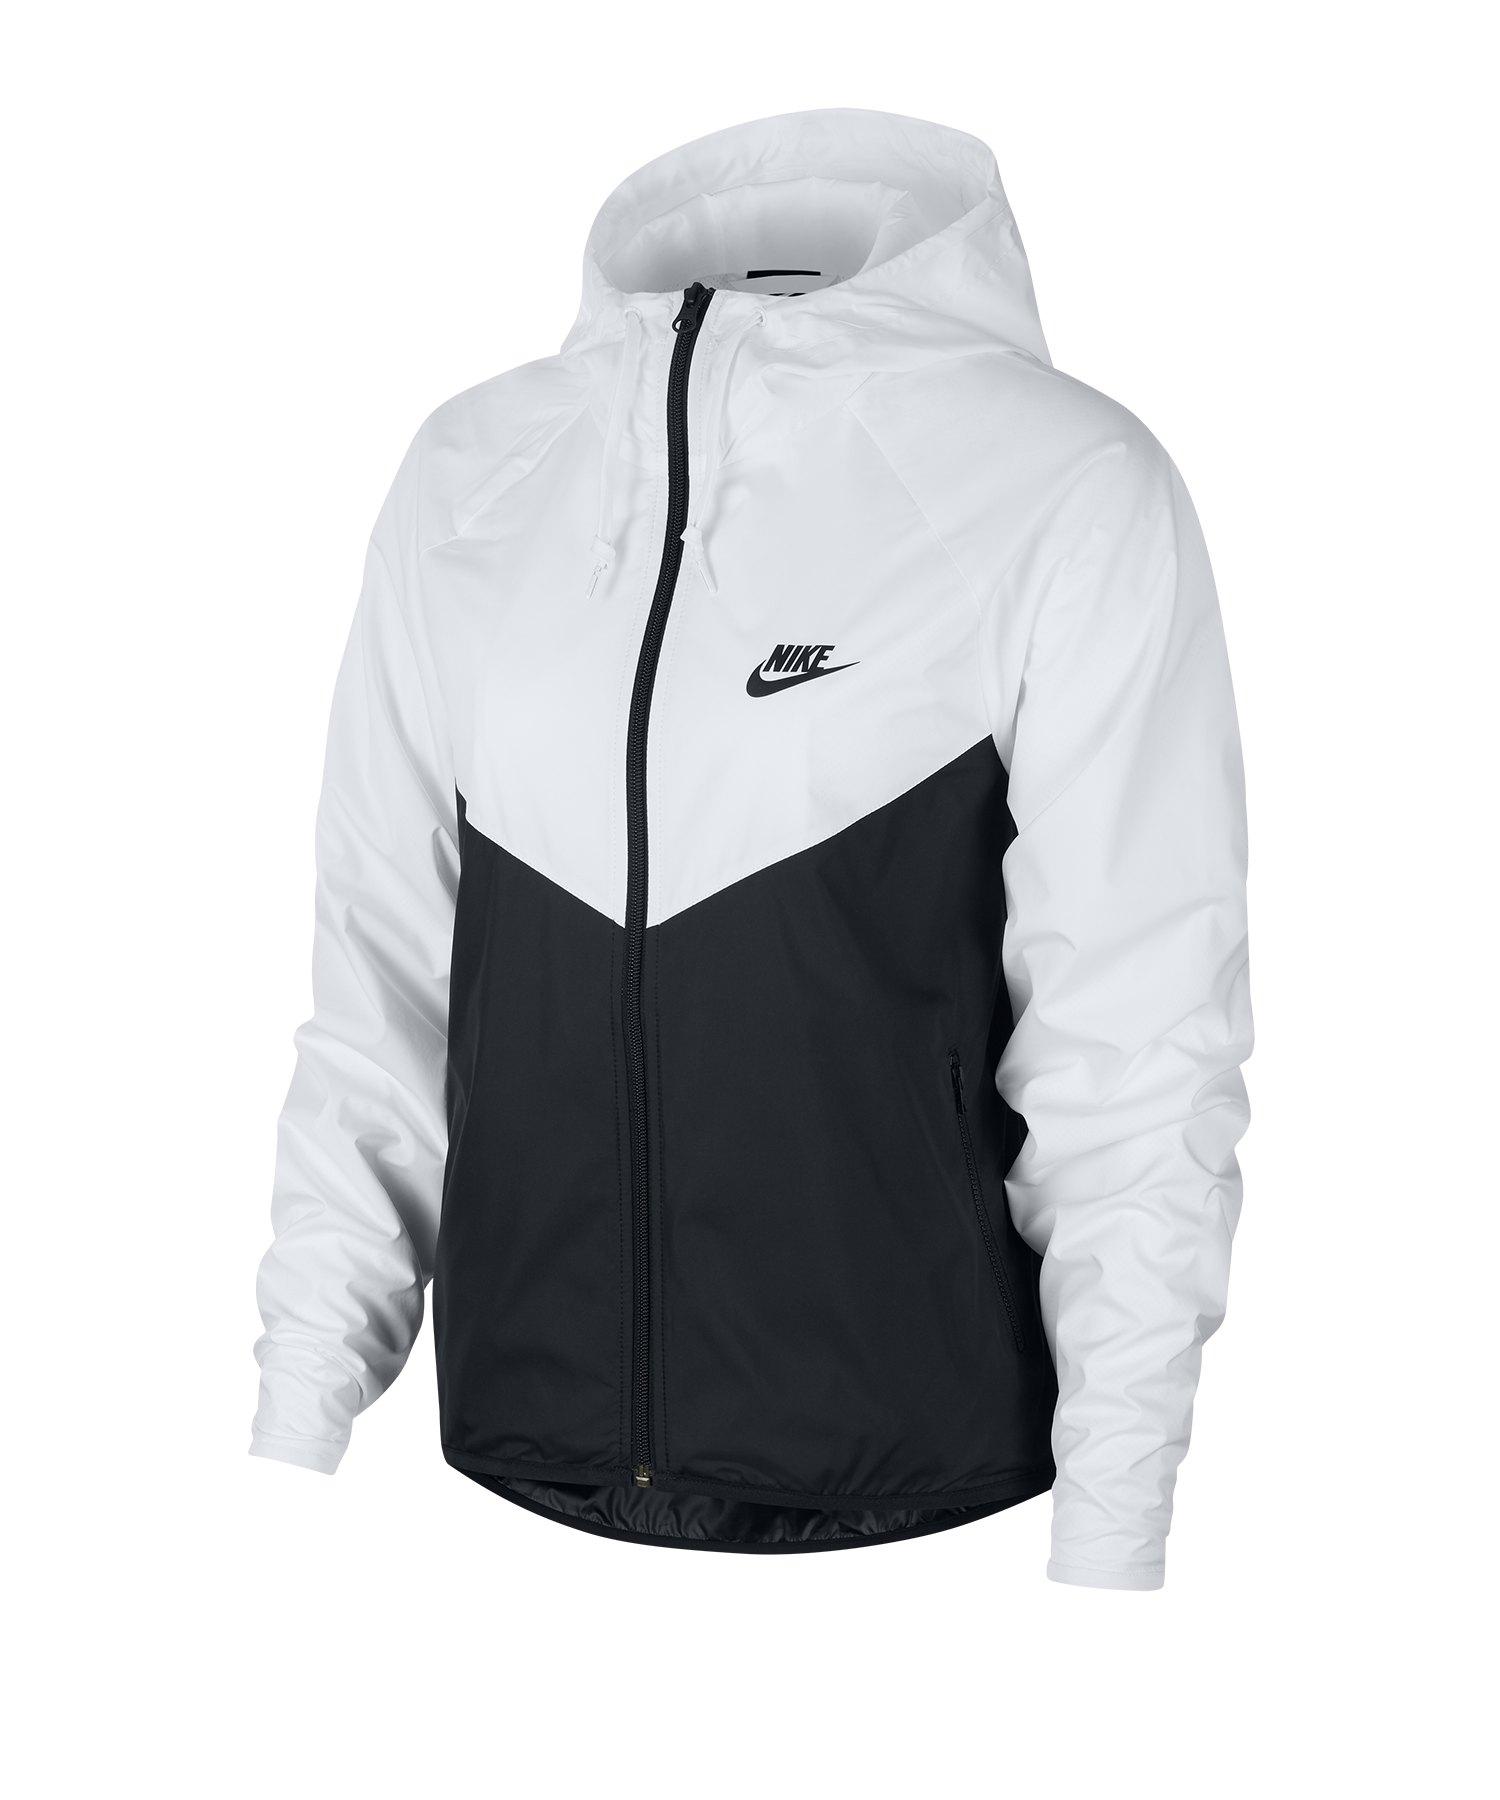 Nike Windrunner W Winterjacke Bordeaux Rot Beige pro mo.at